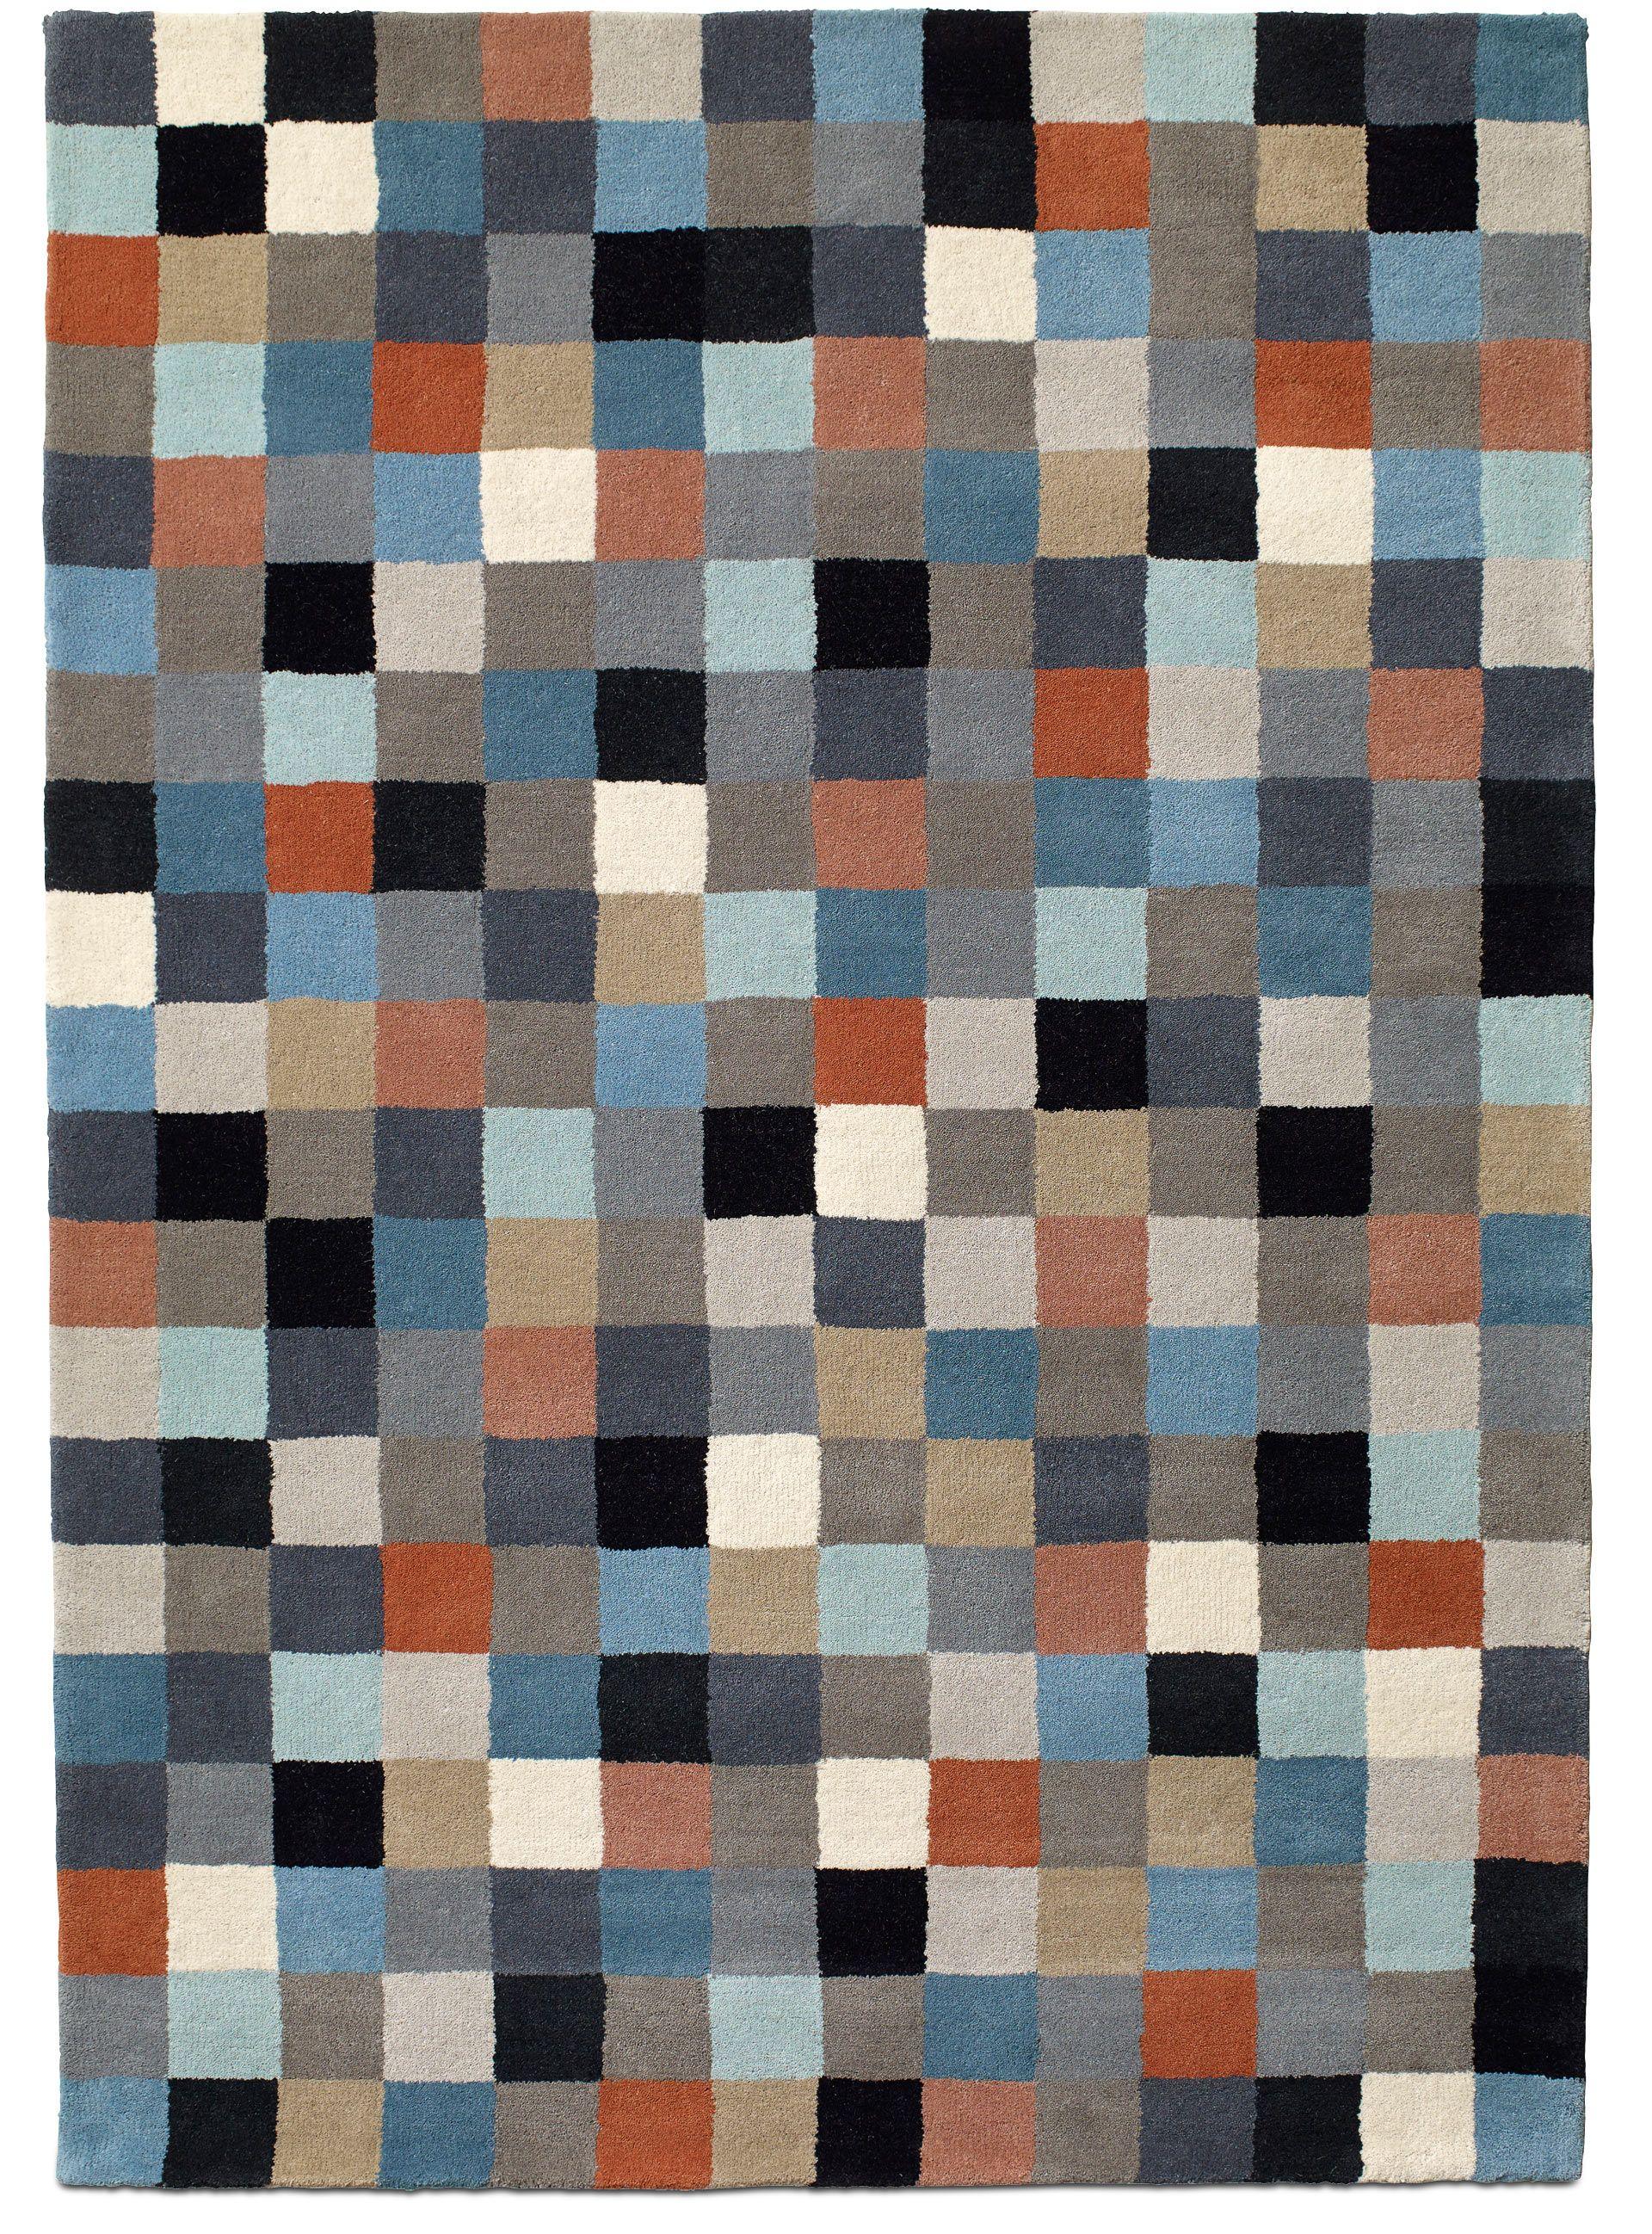 Pixel Rug Boconcept 649 Modern Rugs Rugs Handmade Rugs